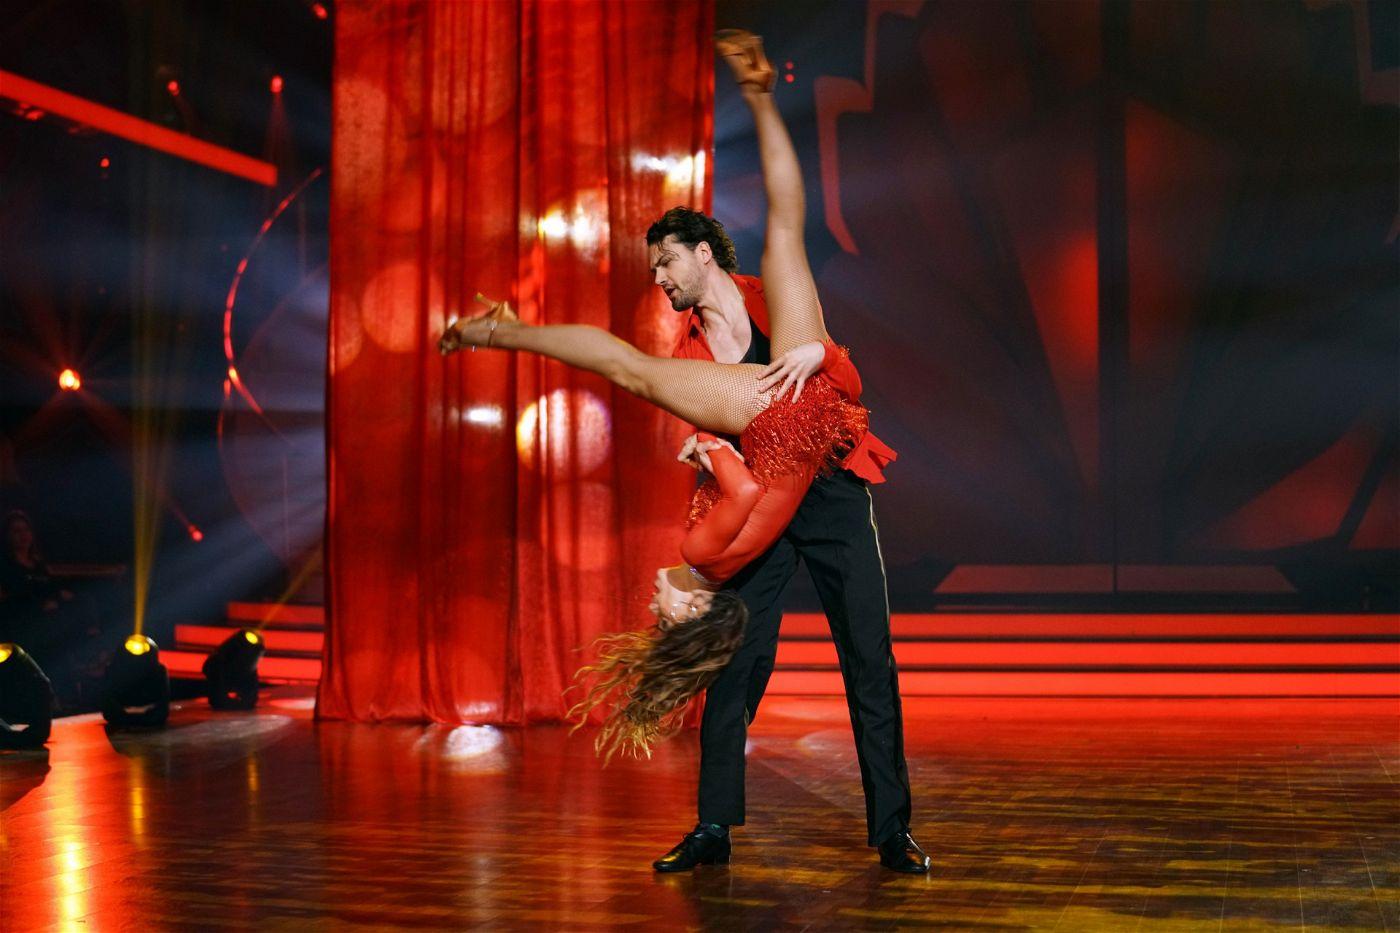 """Voller Einsatz: Bei """"Let's Dance"""" geht es für die Kandidaten und Profitänzer auch mal """"kopfüber"""". Hier zu sehen: Jimi Blue Ochsenknecht mit Profitänzerin Renata Lusin."""